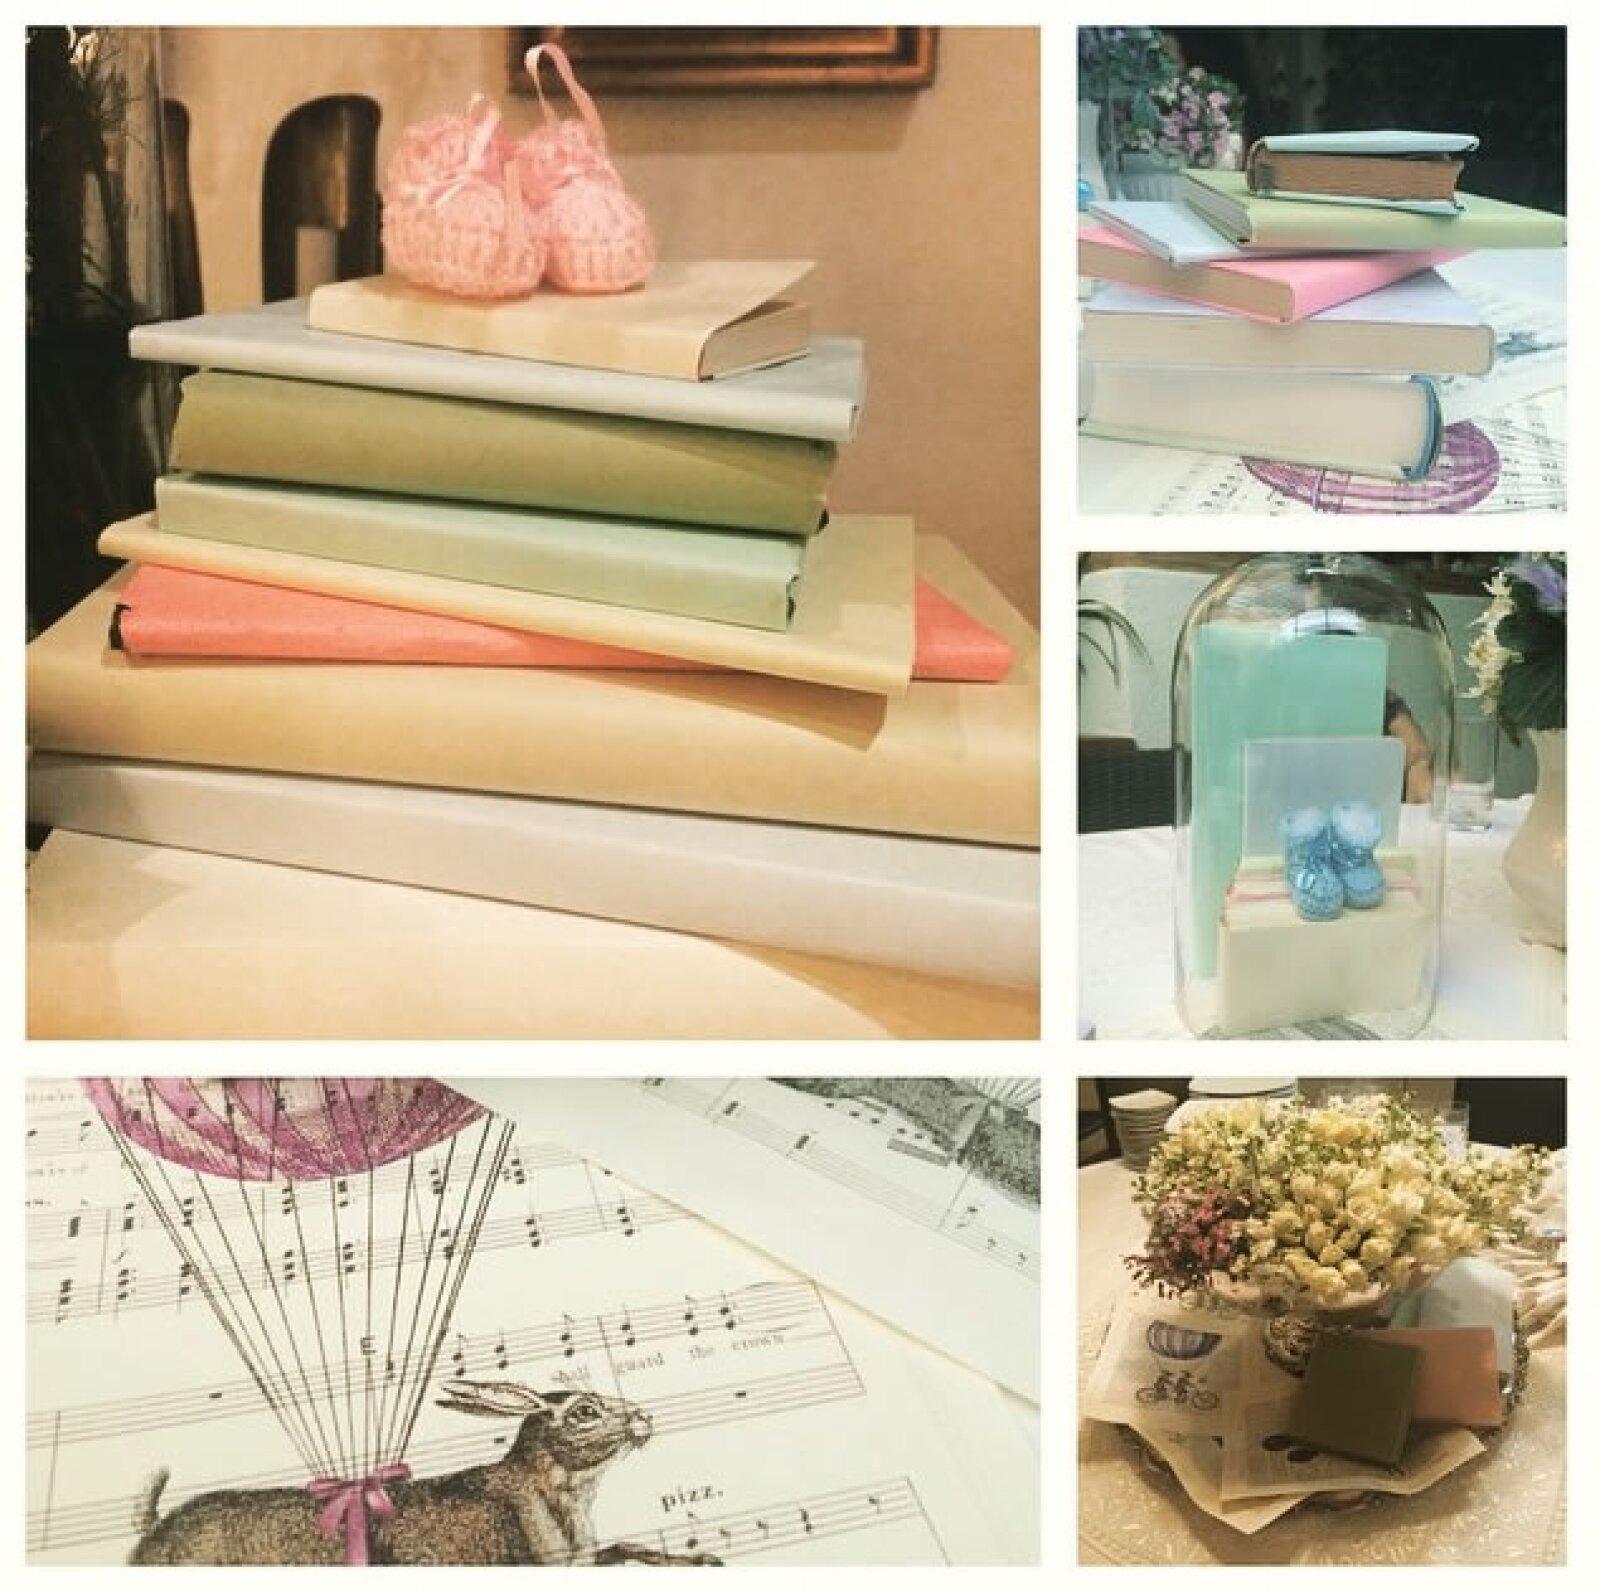 Adriana Landeros le organizó un Baby Shower en mayo y compartió los lindos detalles de decoración que hubo en el festejo.